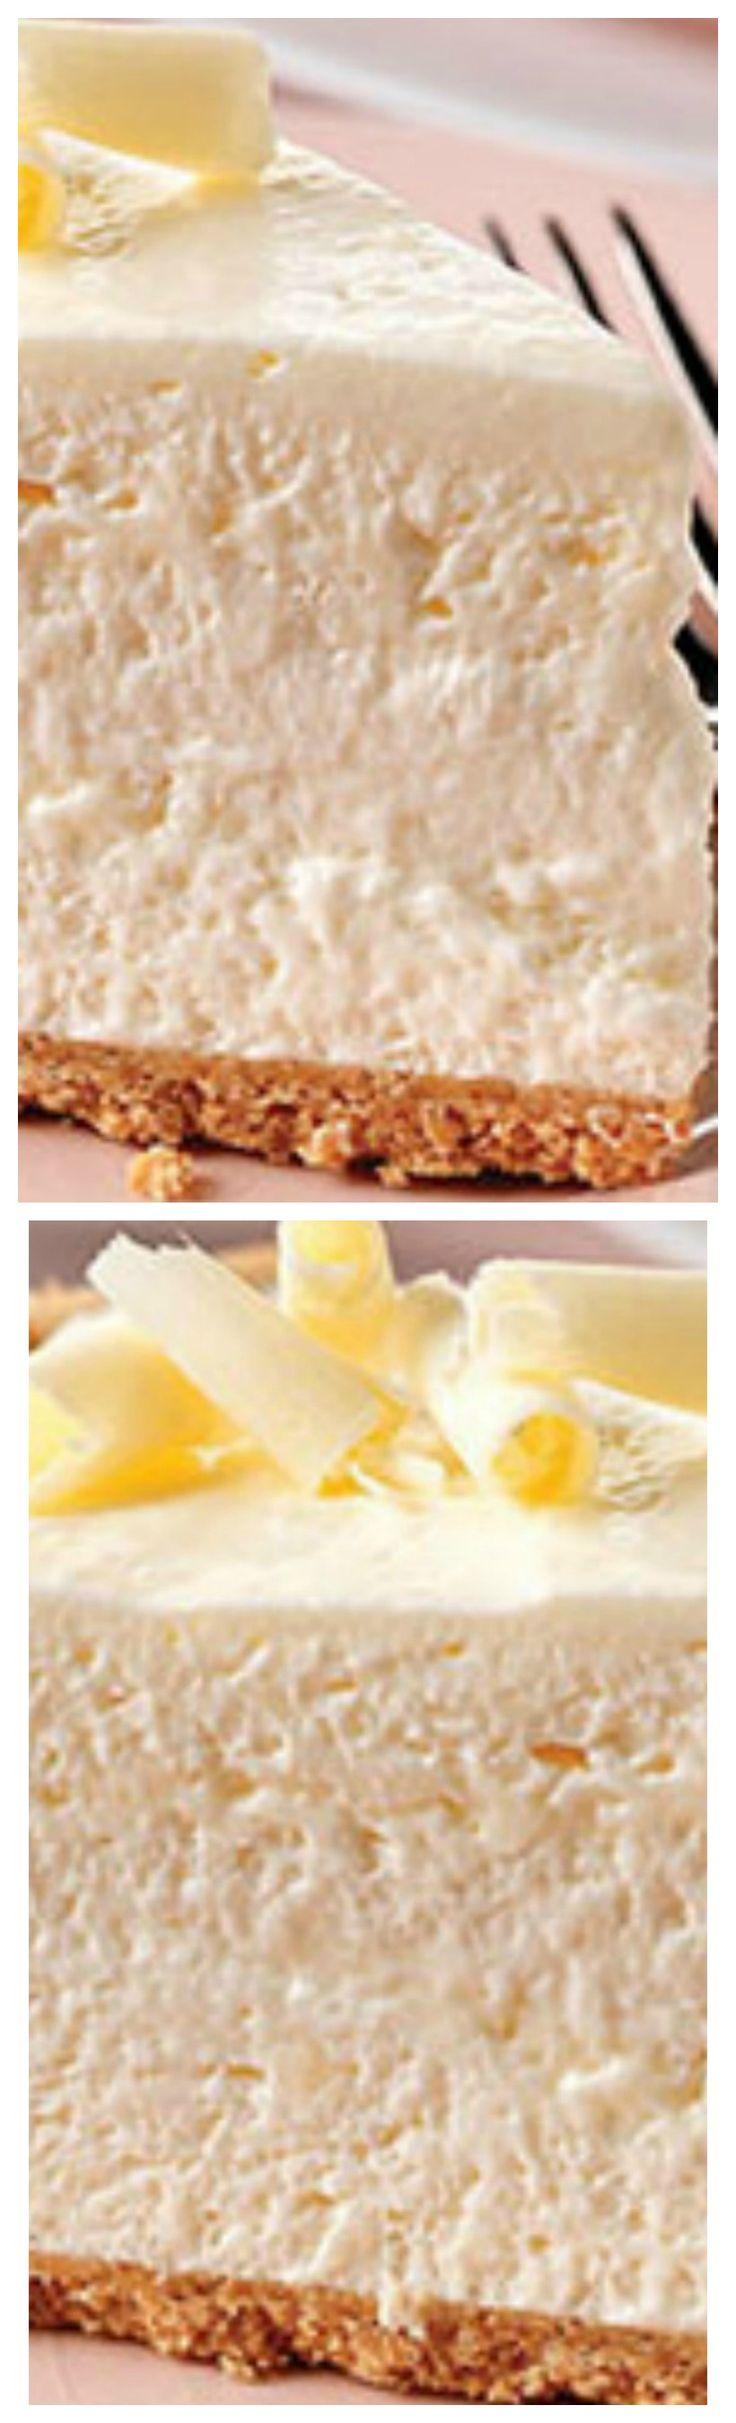 Fluffy White Chocolate Cheesecake